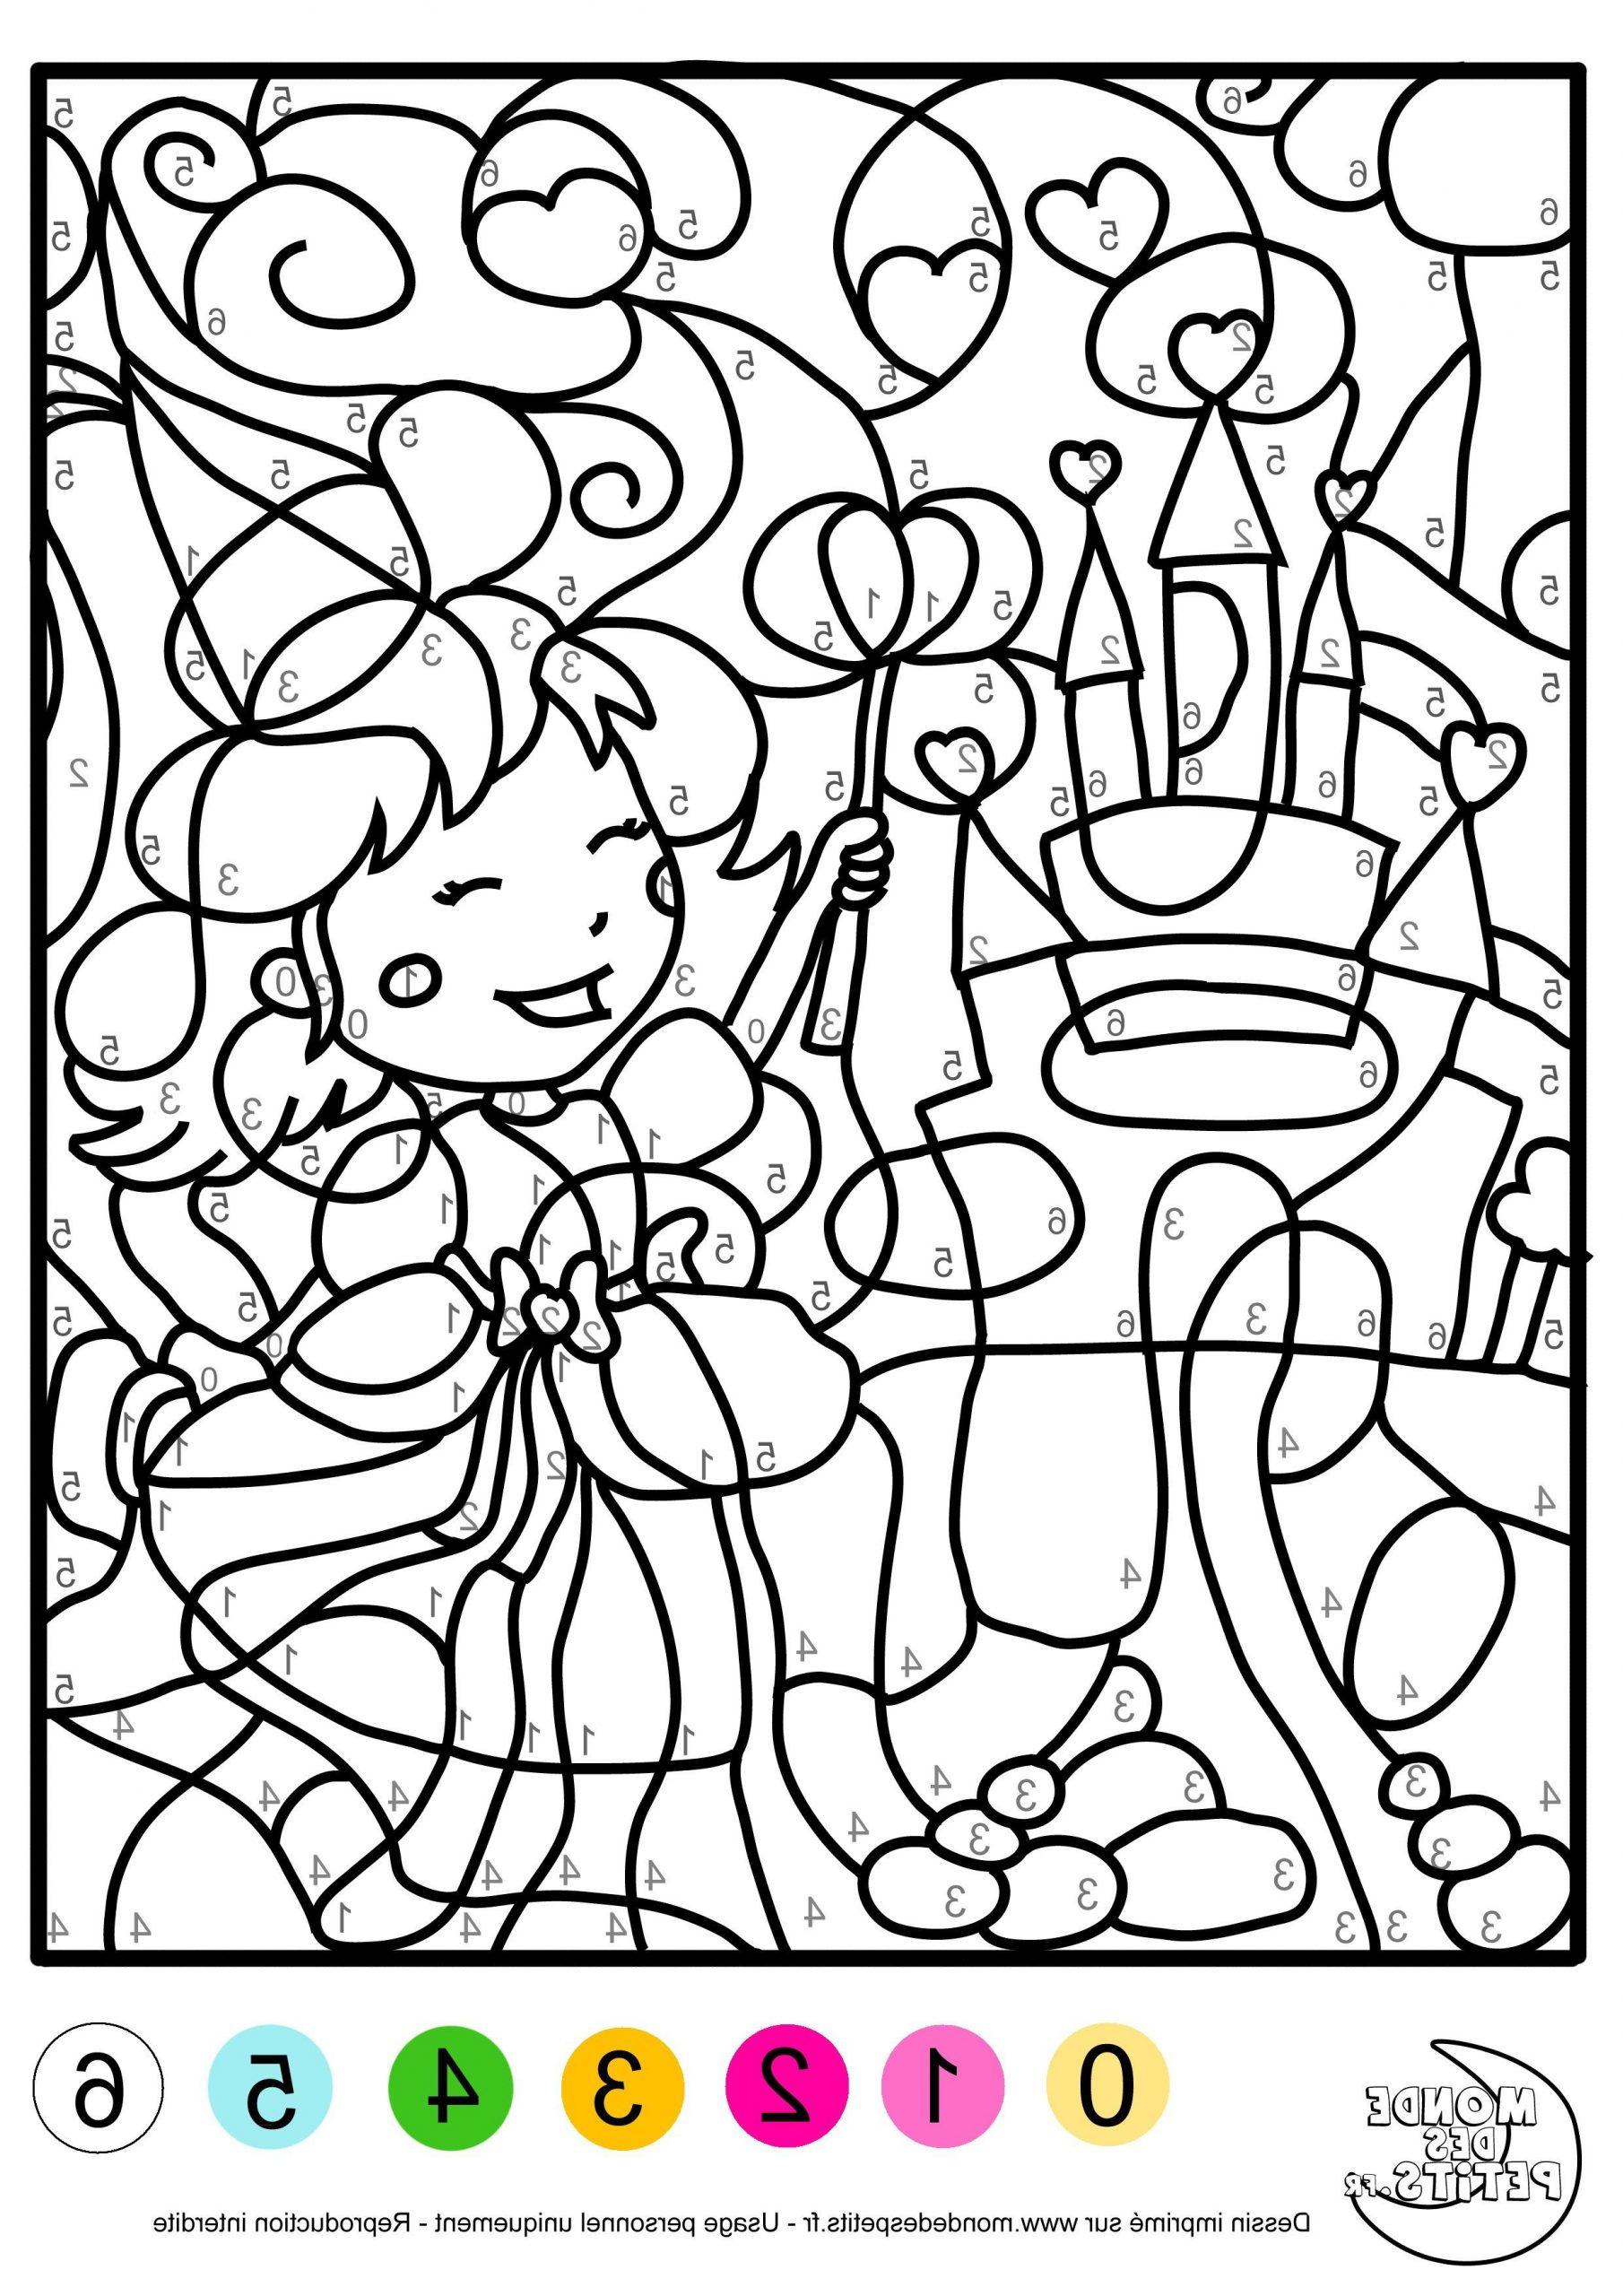 Coloriage Enfant 5 Ans . 14 Créatif Coloriage Enfant 5 Ans serapportantà Coloriage En Ligne 3 Ans